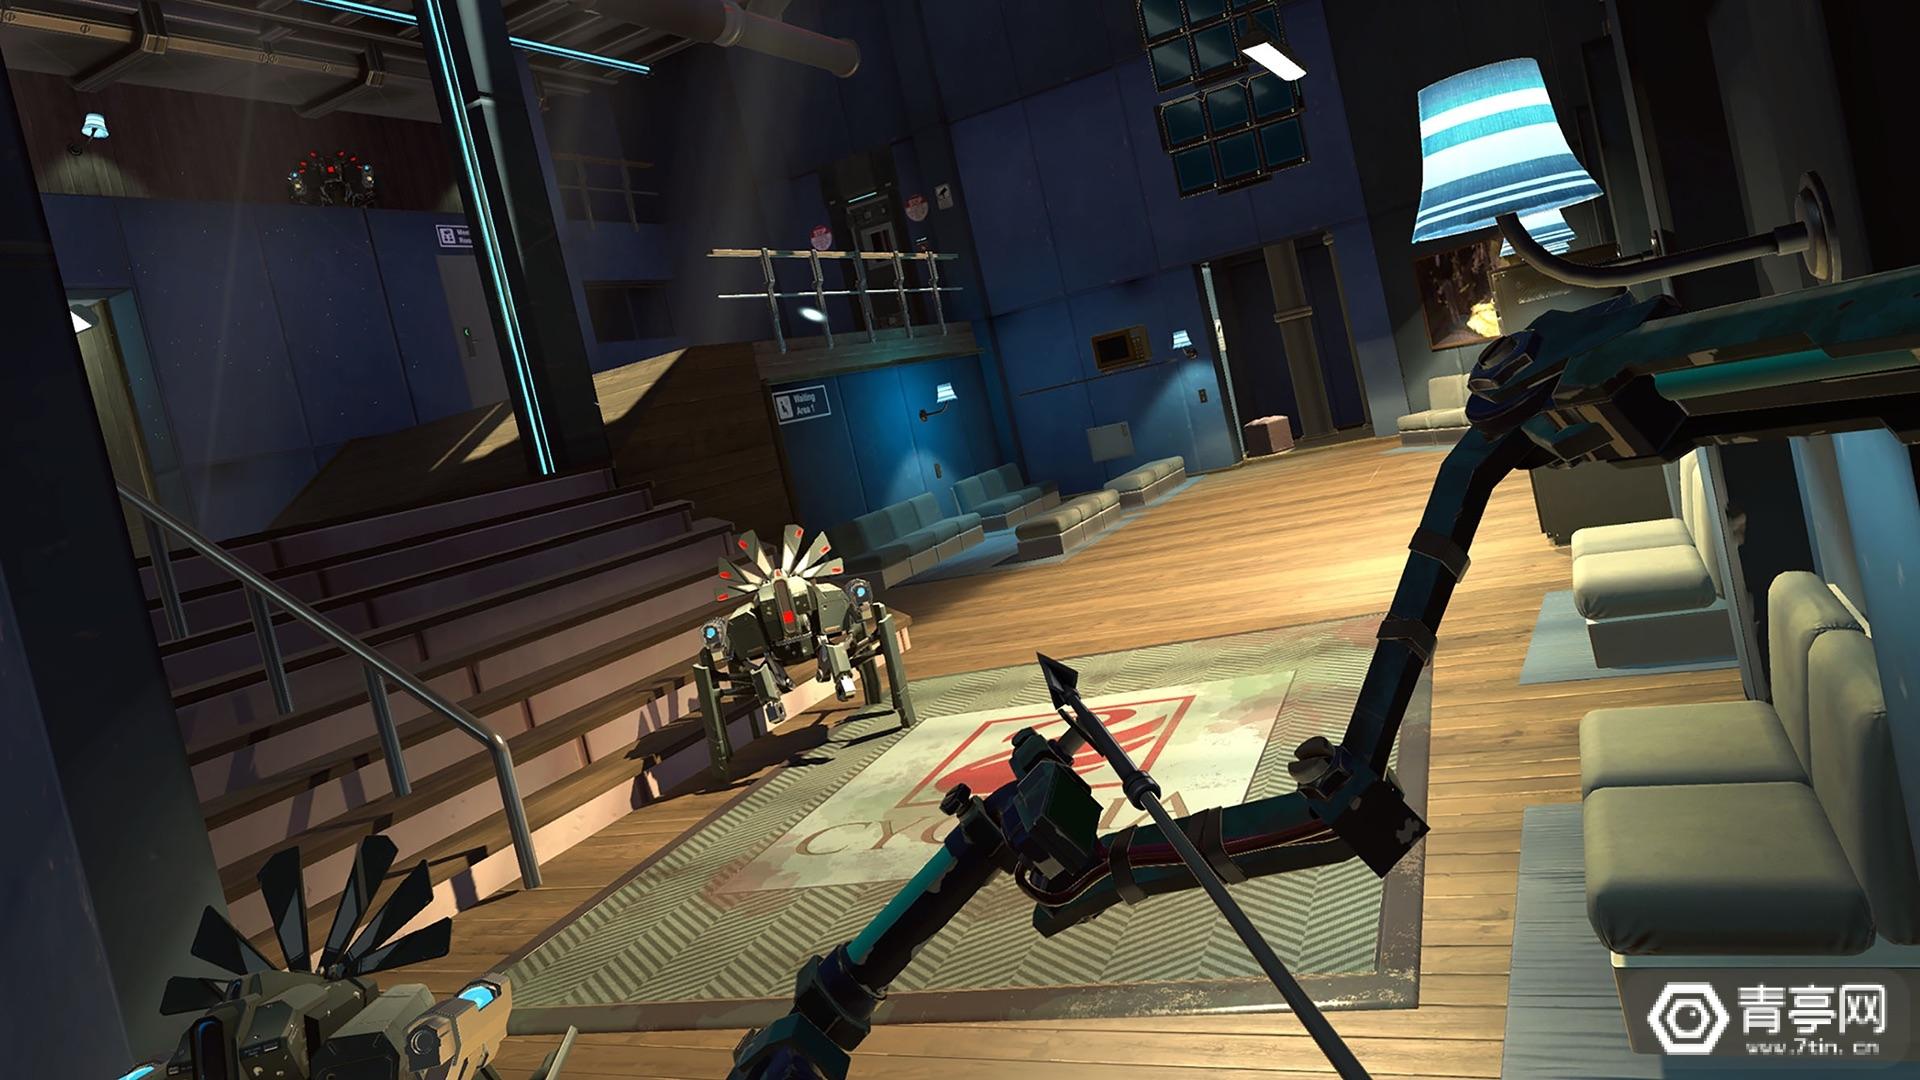 VR游戏《Apex Construct》已售10万份,Quest立功